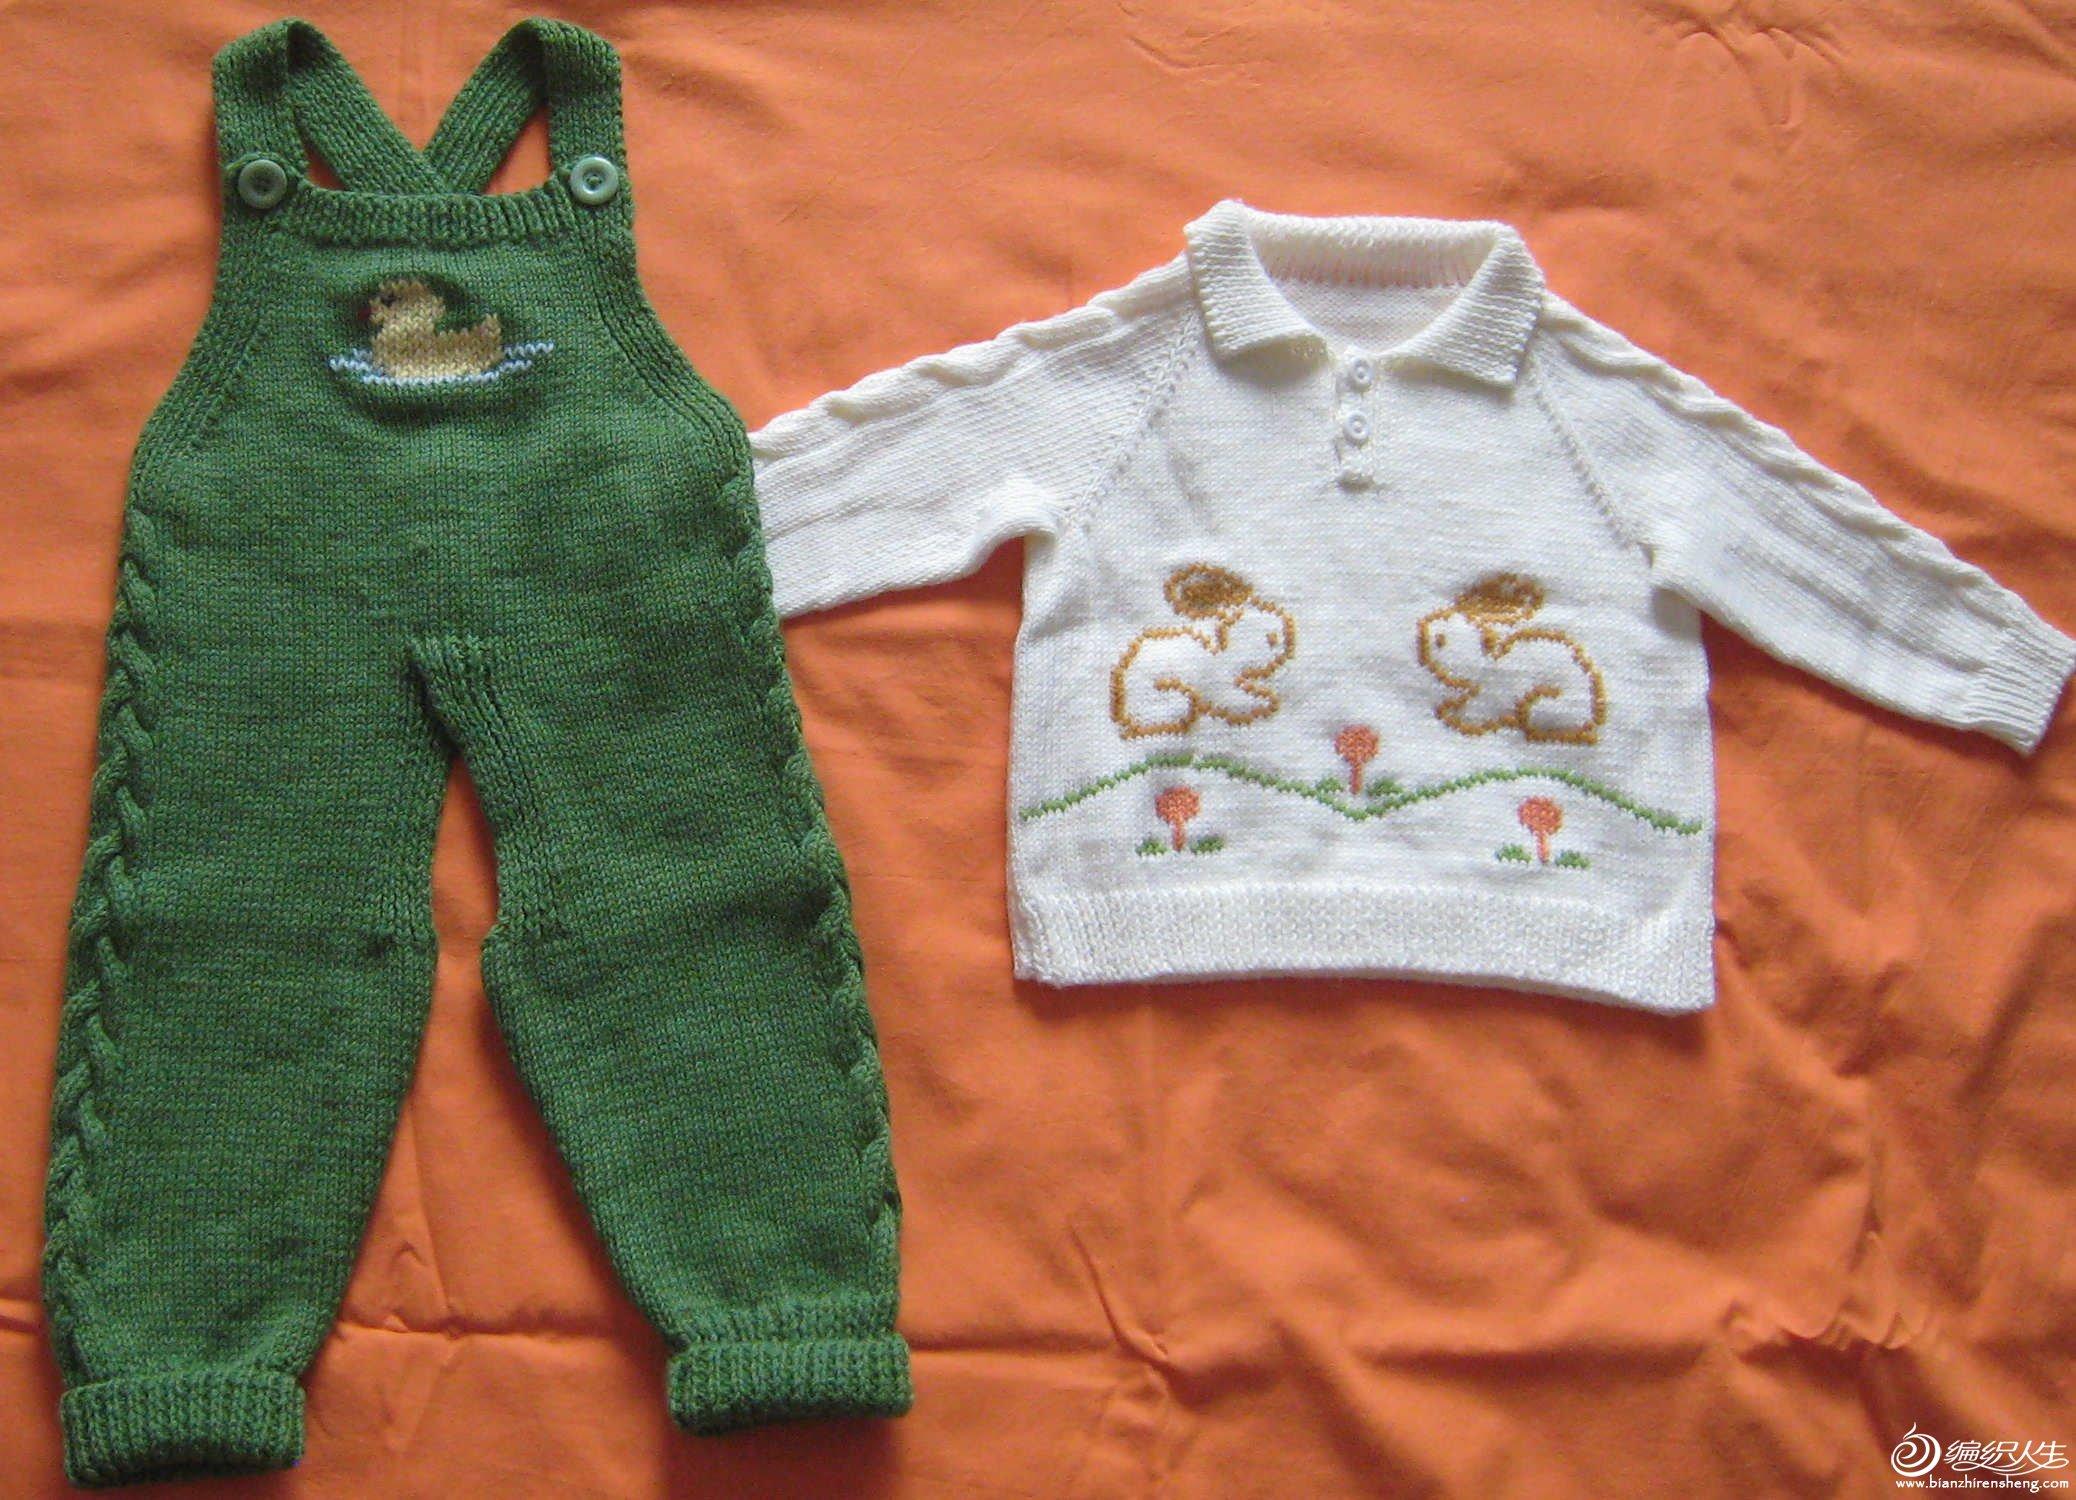 背带开裆裤和小兔图案衣